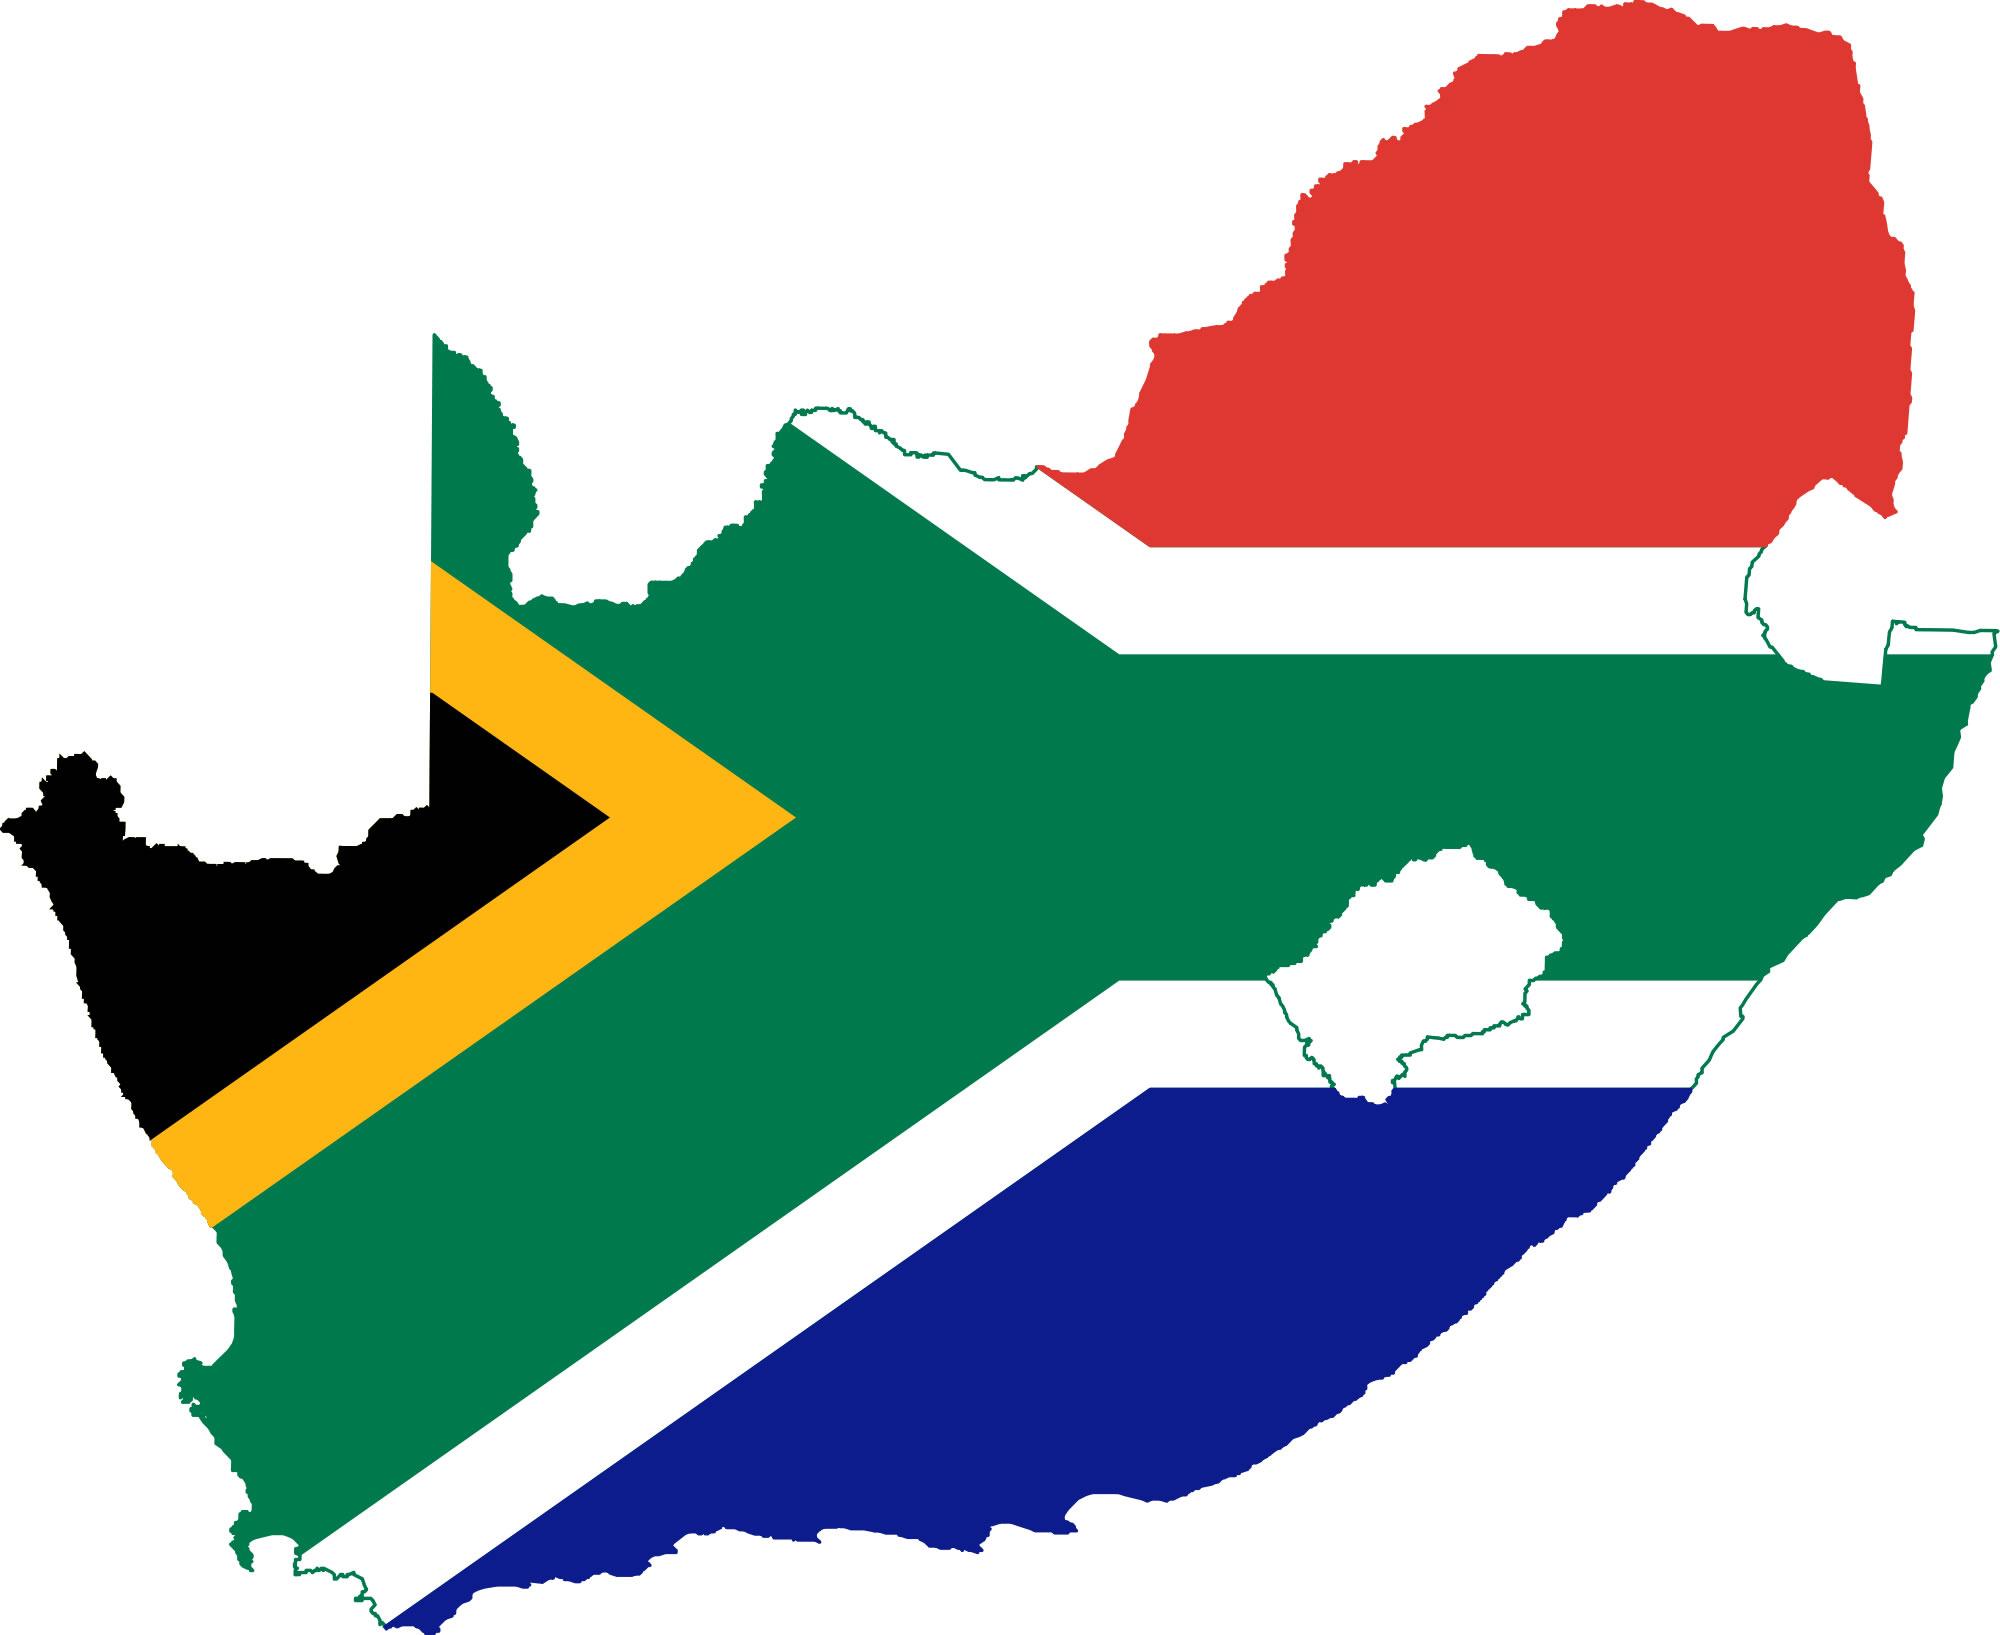 carte-drapeaux-afrique-du-sud.jpg